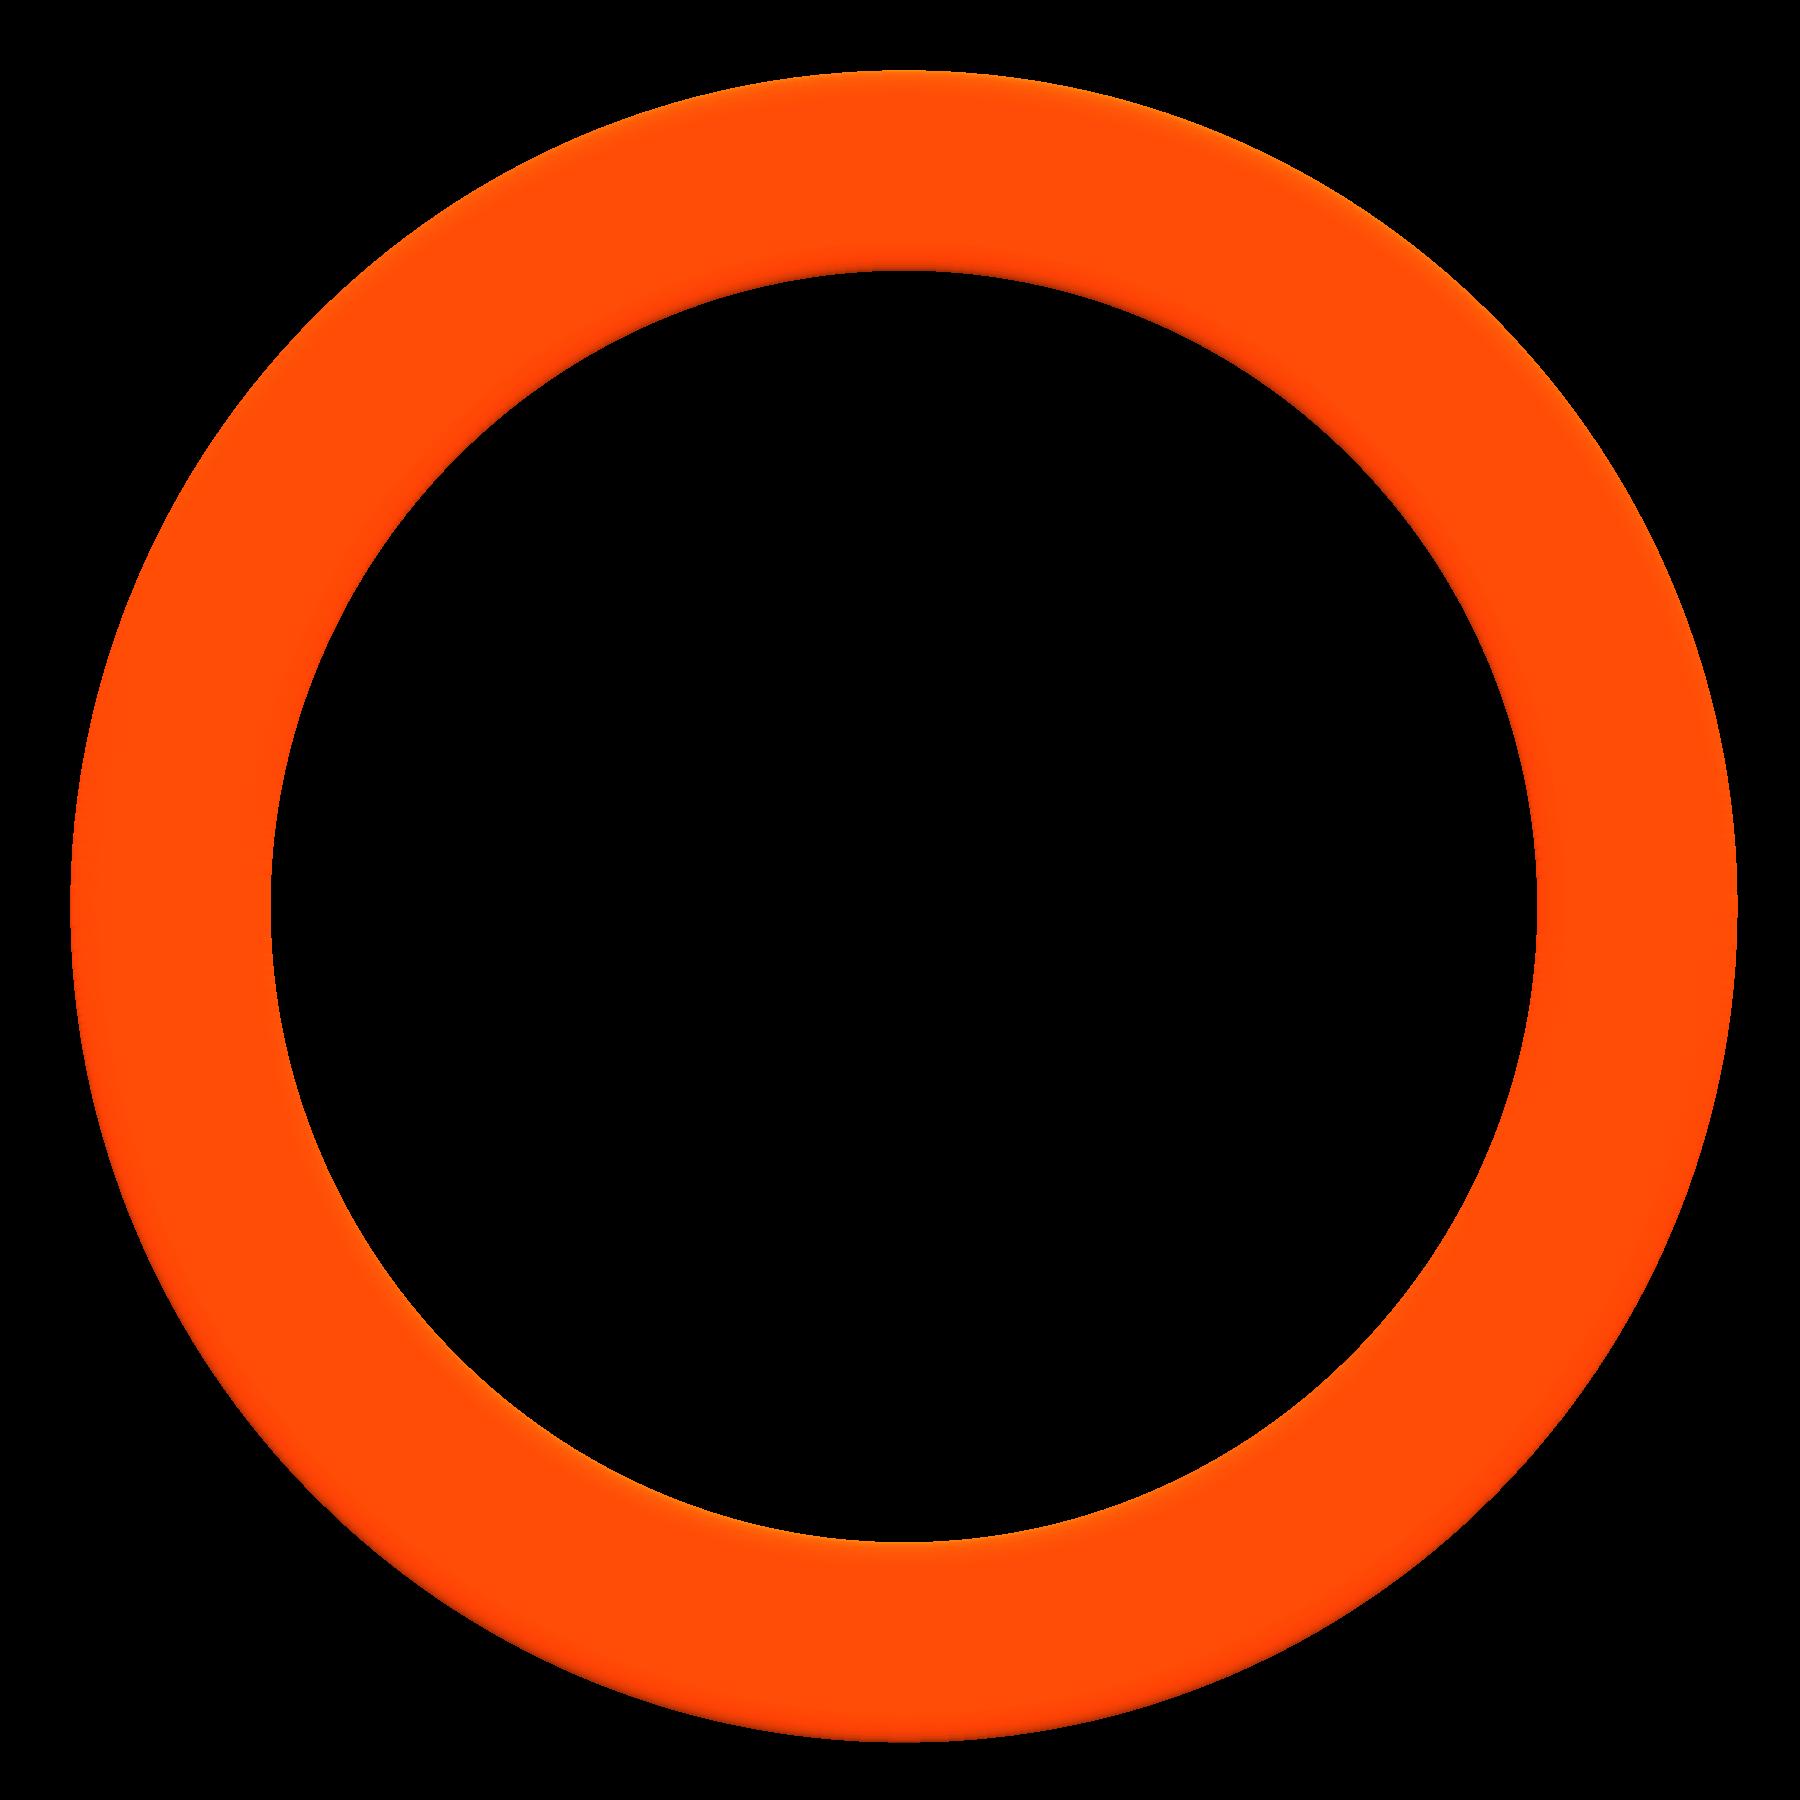 Circle PNG - 25477